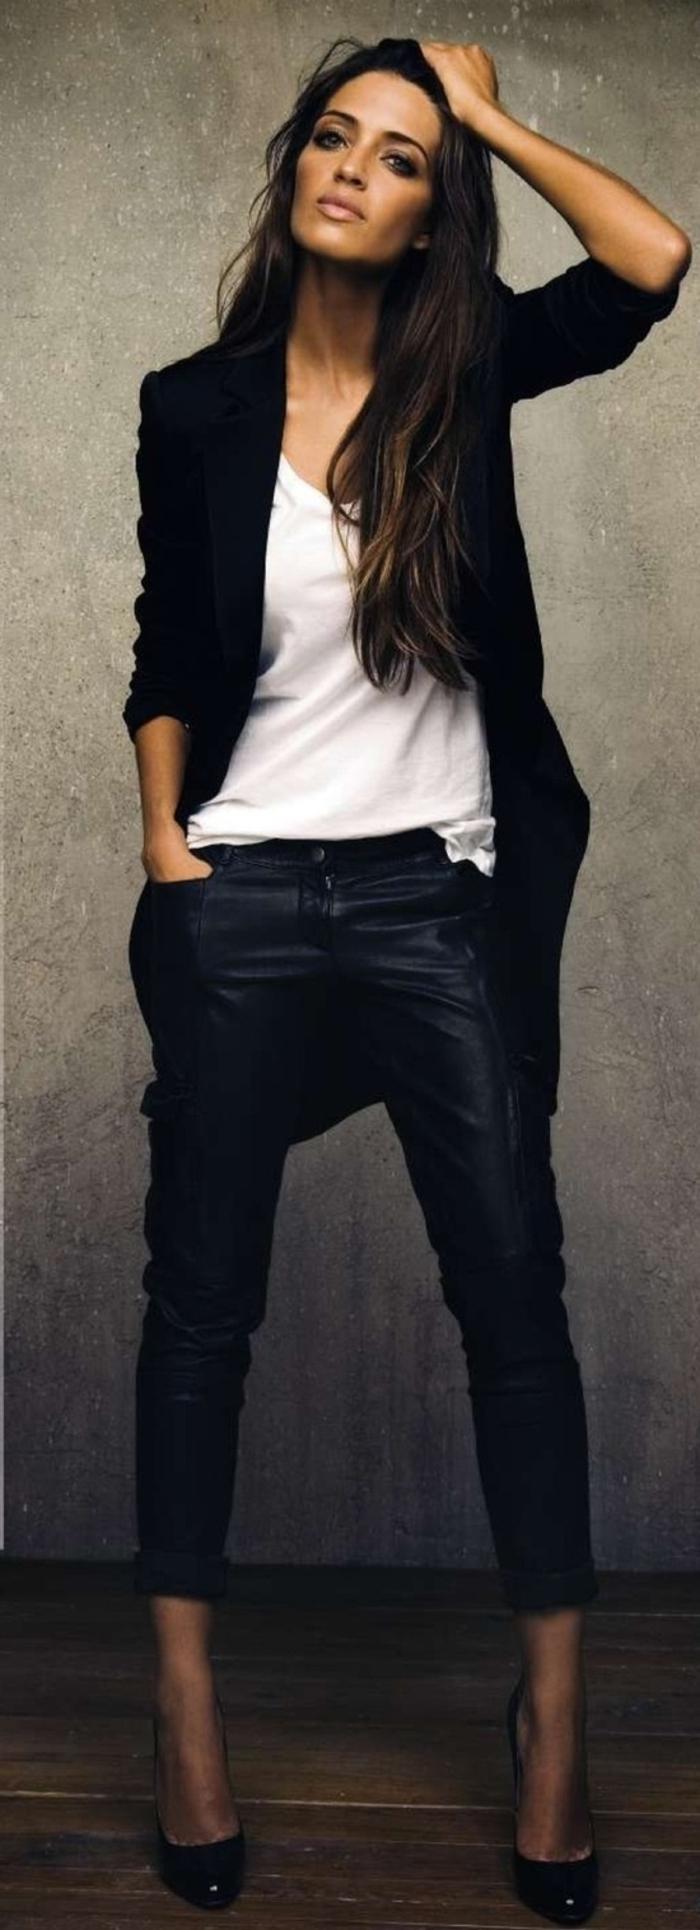 style-casuel-chic-femme-avec-jeans-chaussure-à-talon-noir-chemise-blanche-veste-noire